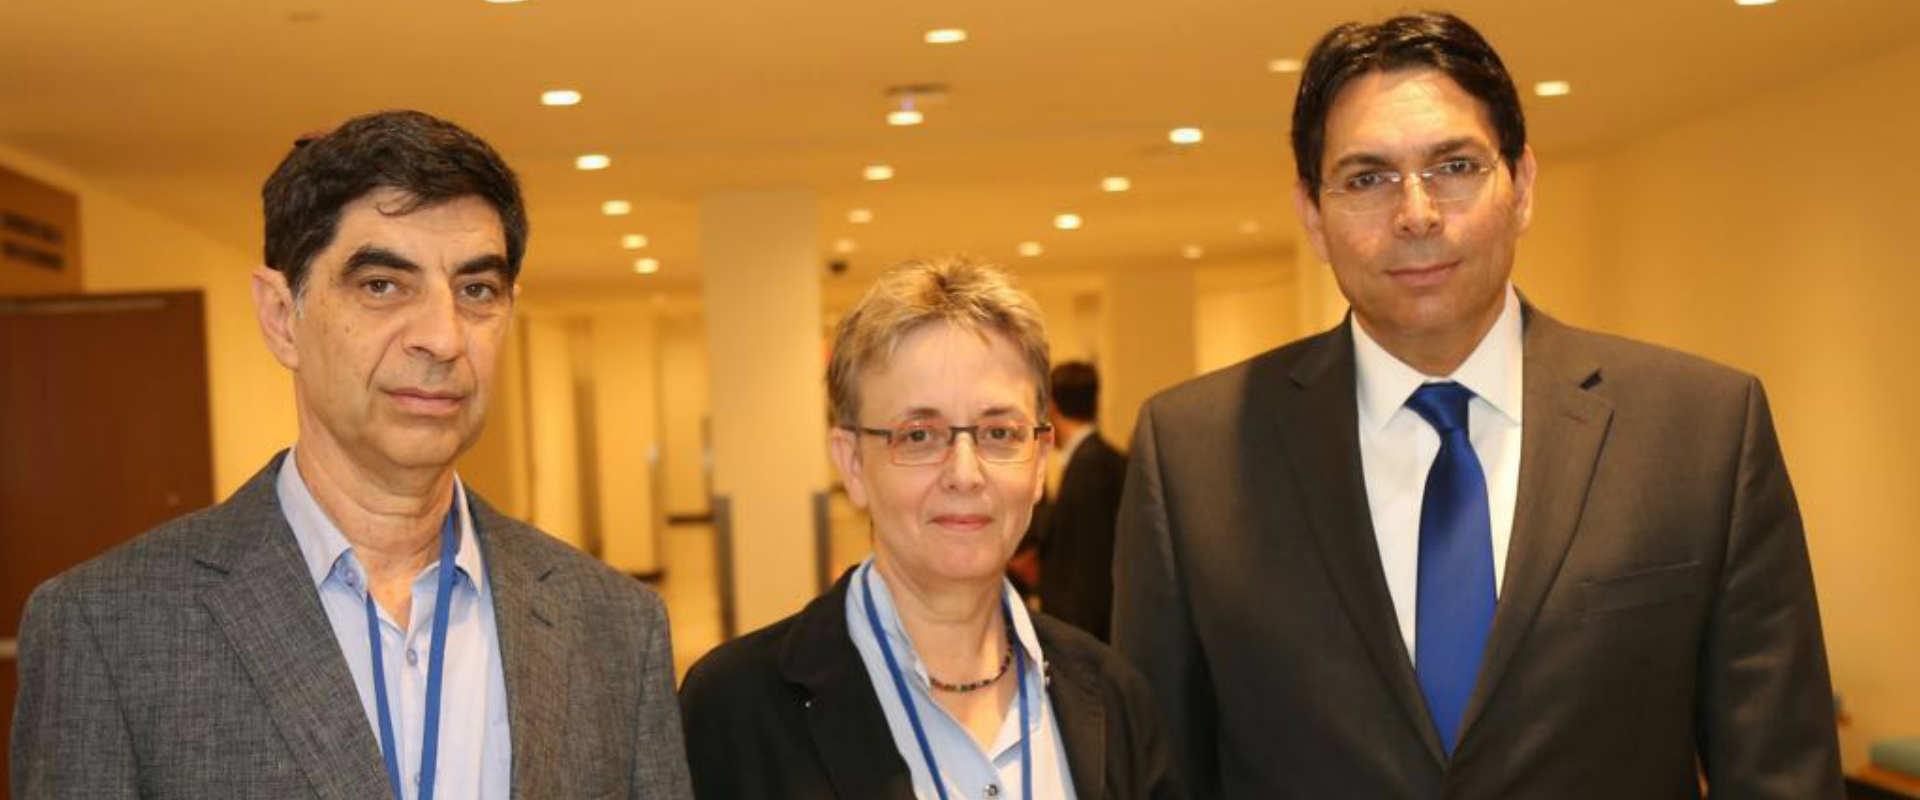 """לאה ושמחה גולדין עם השגריר באו""""ם דני דנון"""